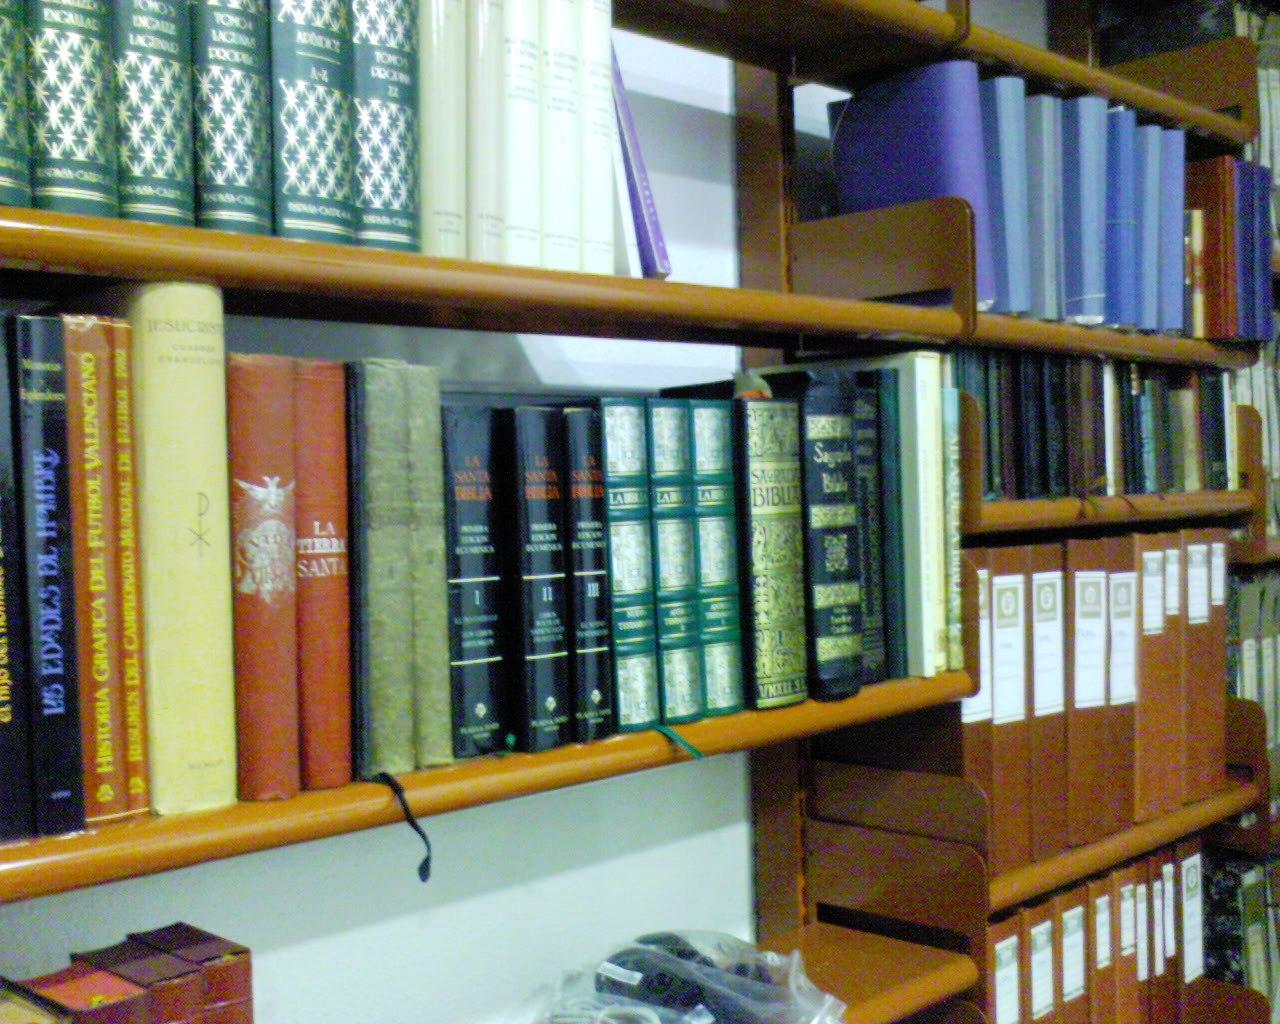 Estantera libros top estante para libros estantes acabado en haya beautiful otra libreria Estanteria de libros